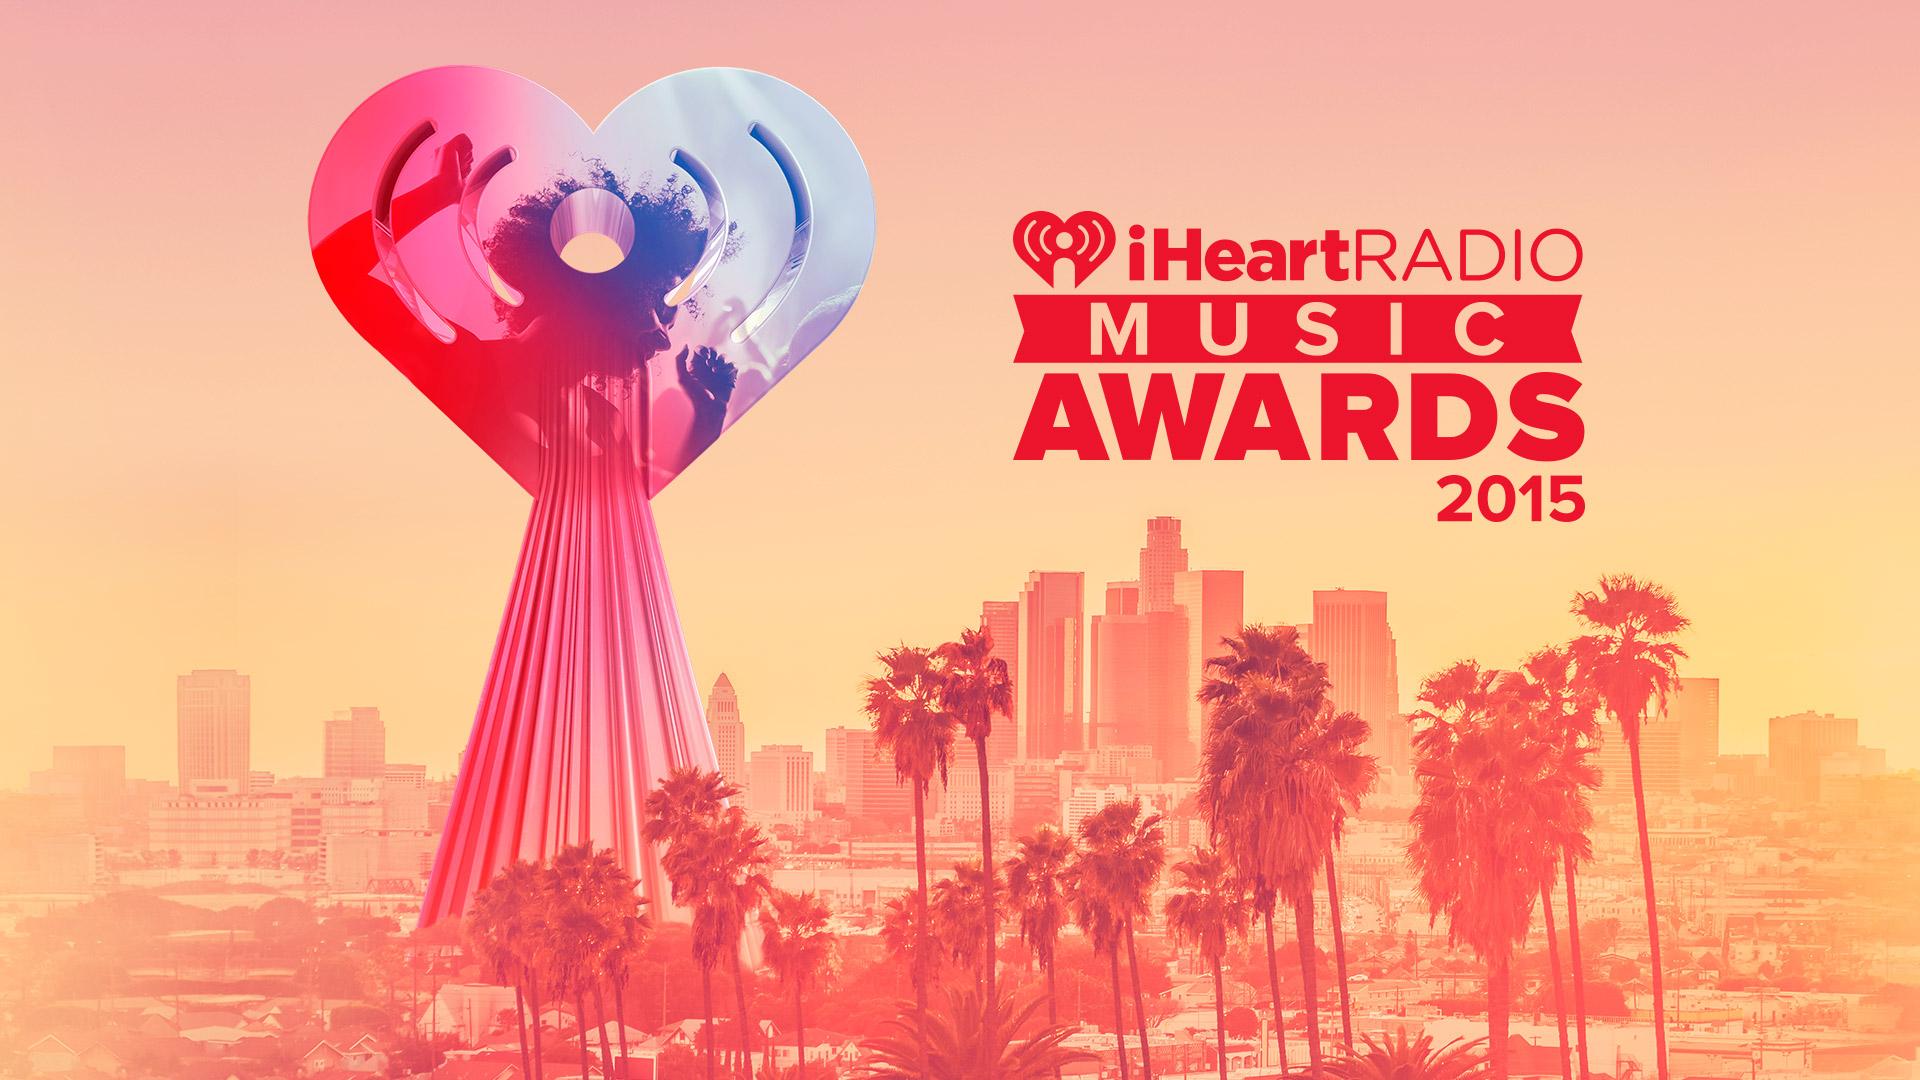 2015-0203-iHeart-Radio-Awards-KeyArt-Image-1920x1080-UG